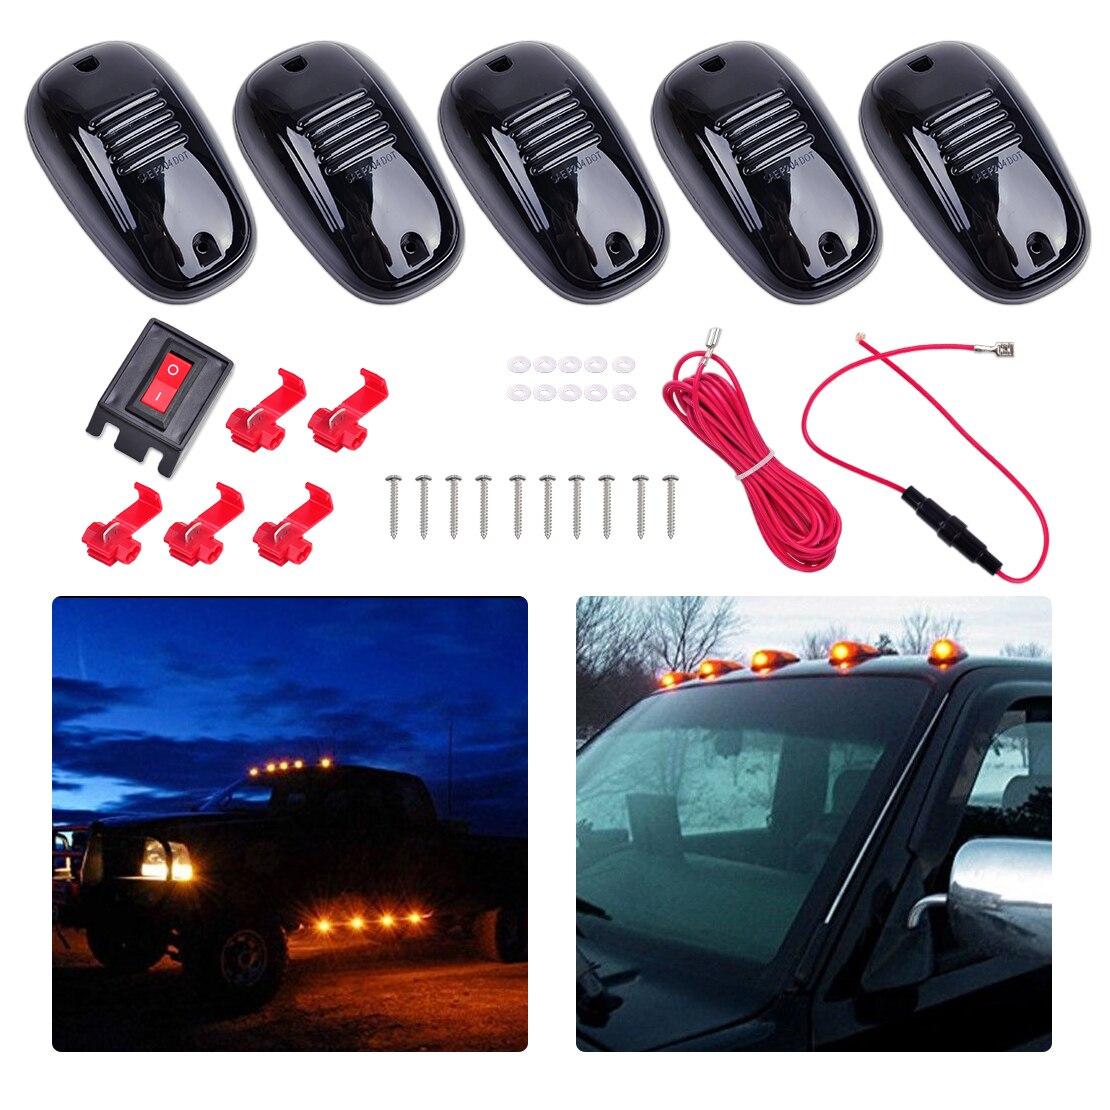 цена beler New 5Pcs 9 LED 12V Smoke Black Cover Amber Cab Marker Light Roof Top Lamp for Truck SUV Van Pickup Jeep Off-Road Crossover онлайн в 2017 году